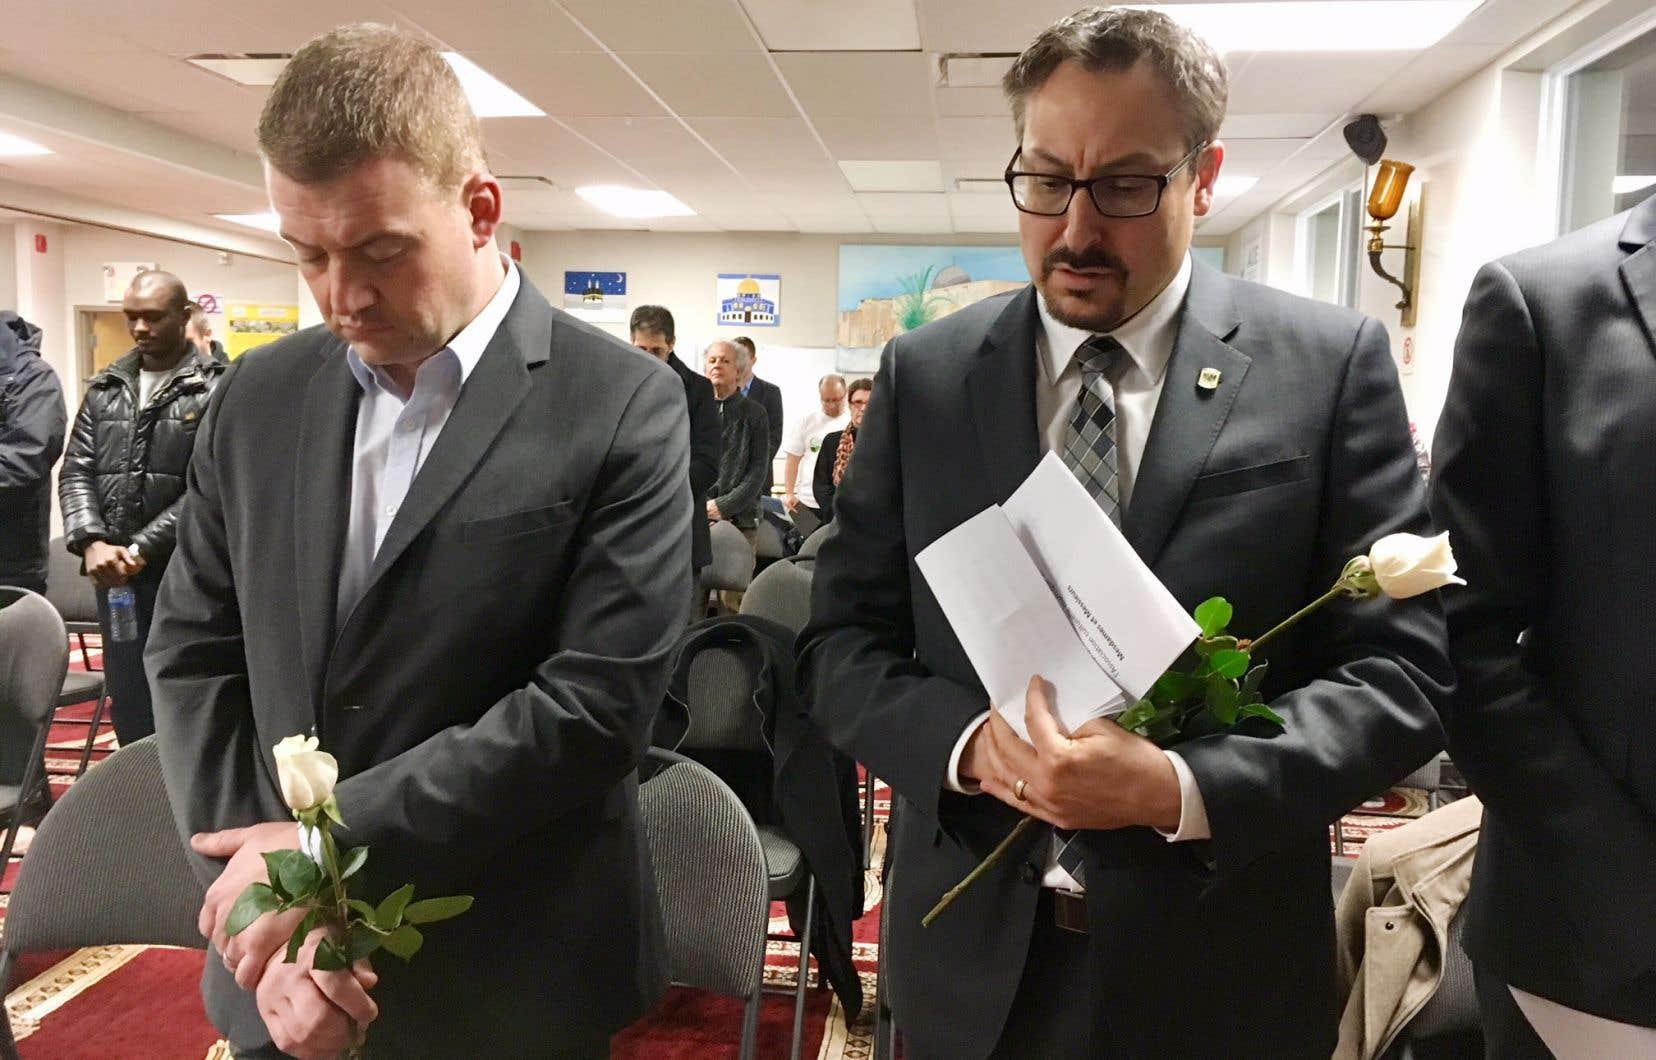 Le ministre Luc Fortin et le maire Steve Lussier se sont rendus à la soirée commémorative de la mosquée A'Rahmane, à Sherbrooke.